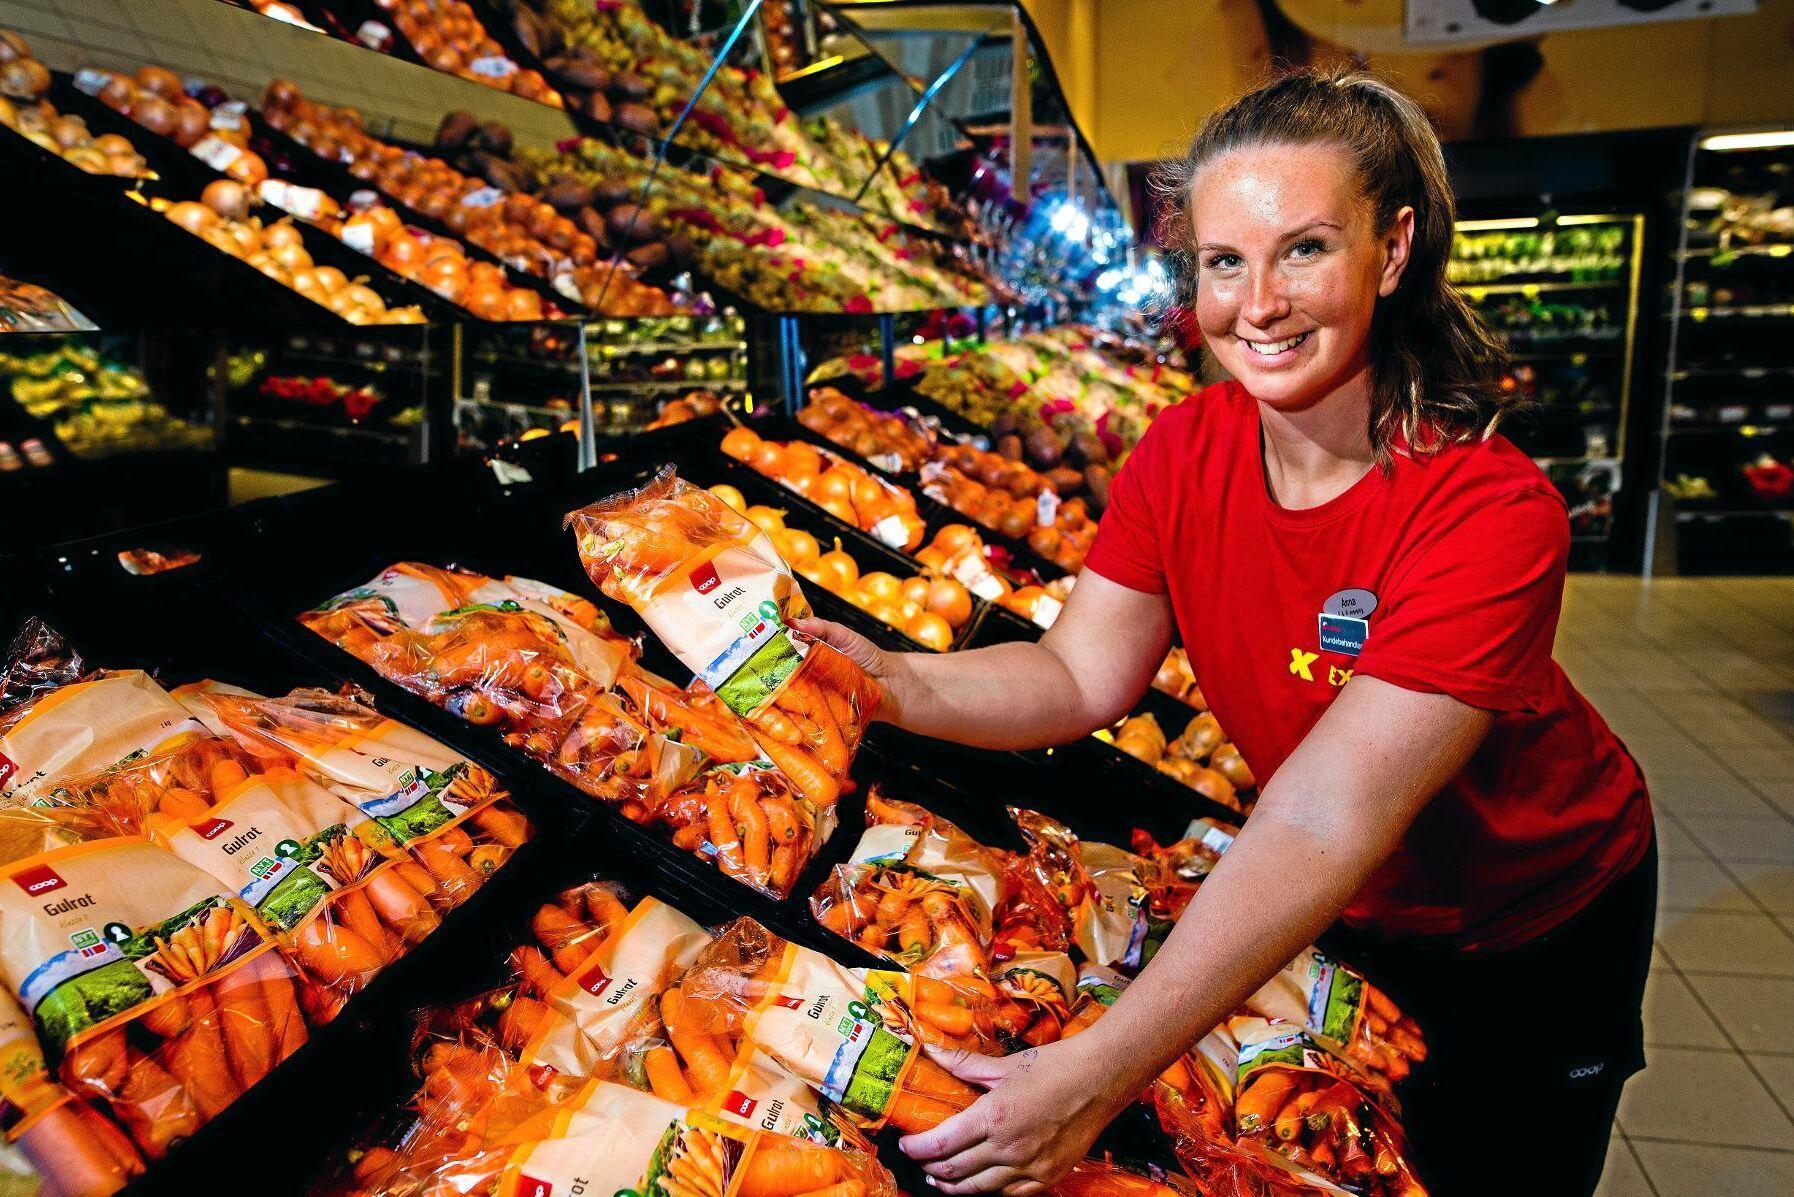 Butikschef Anna Rød på Coop Extra Halden vill även i fortsättningen sälja norska grönsaker - trots att de inte kommer upp i normal storlek.